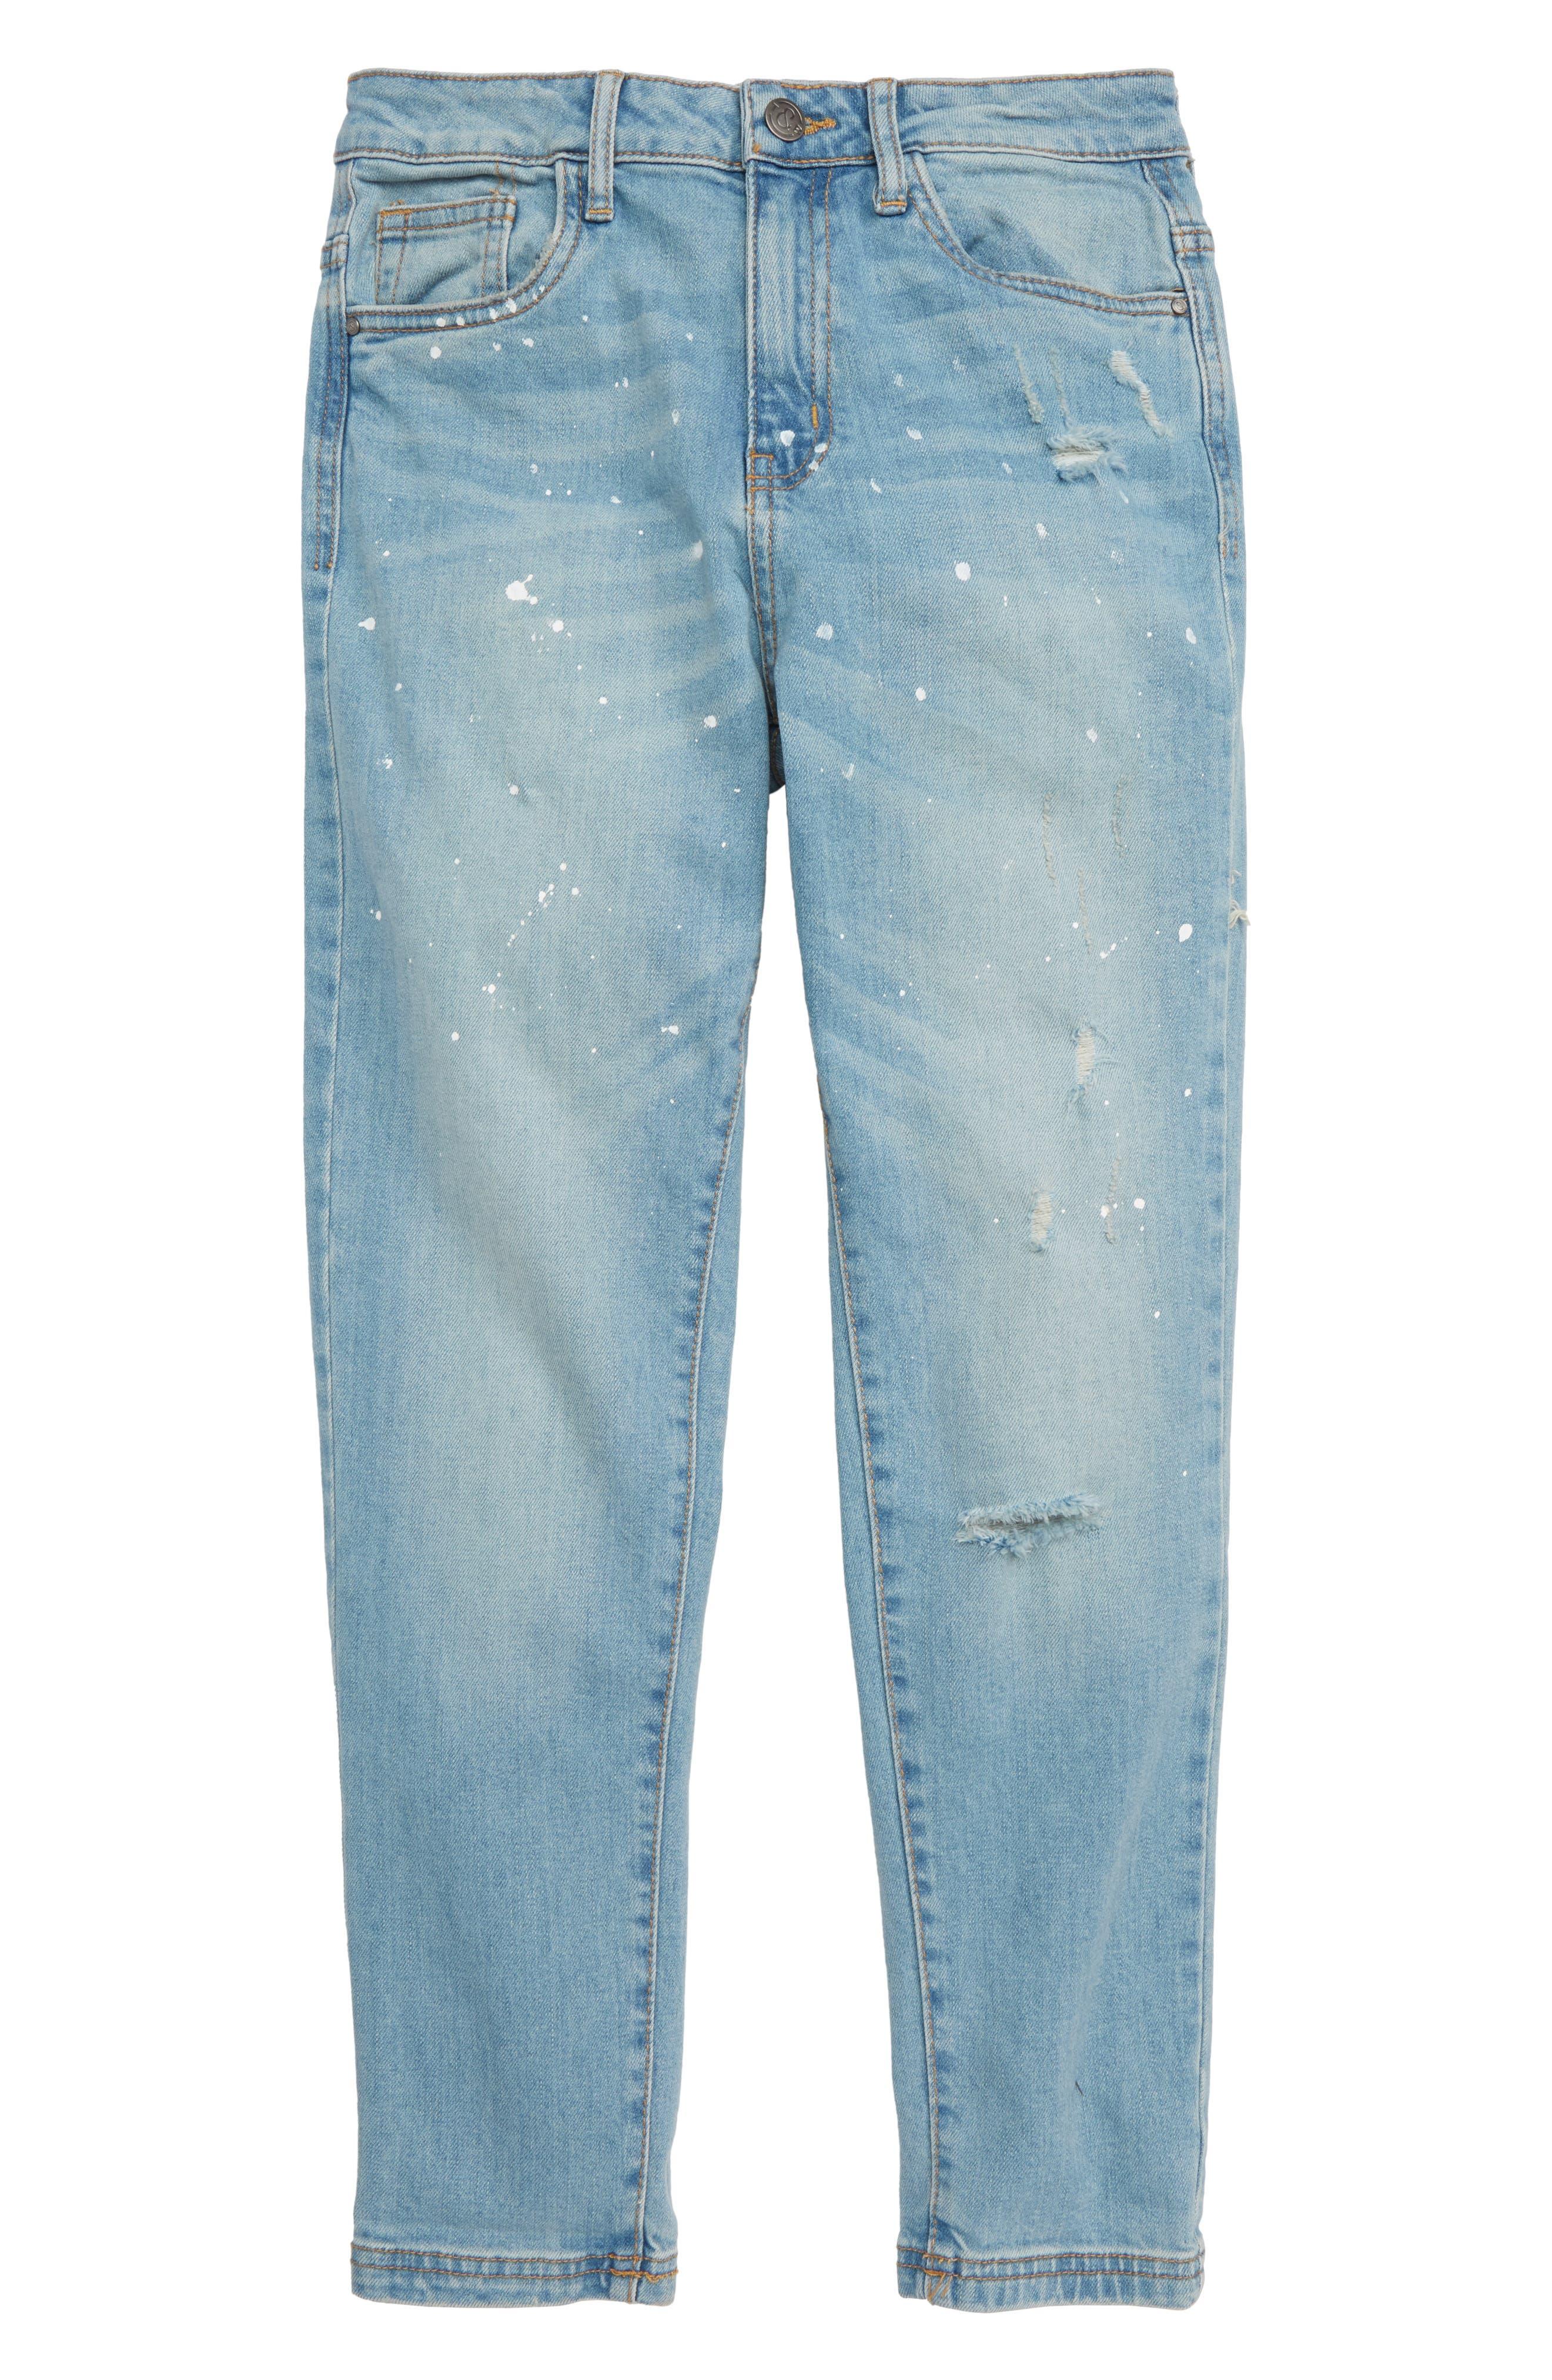 High Waist Mum Jeans,                             Main thumbnail 1, color,                             RAPIDS WASH